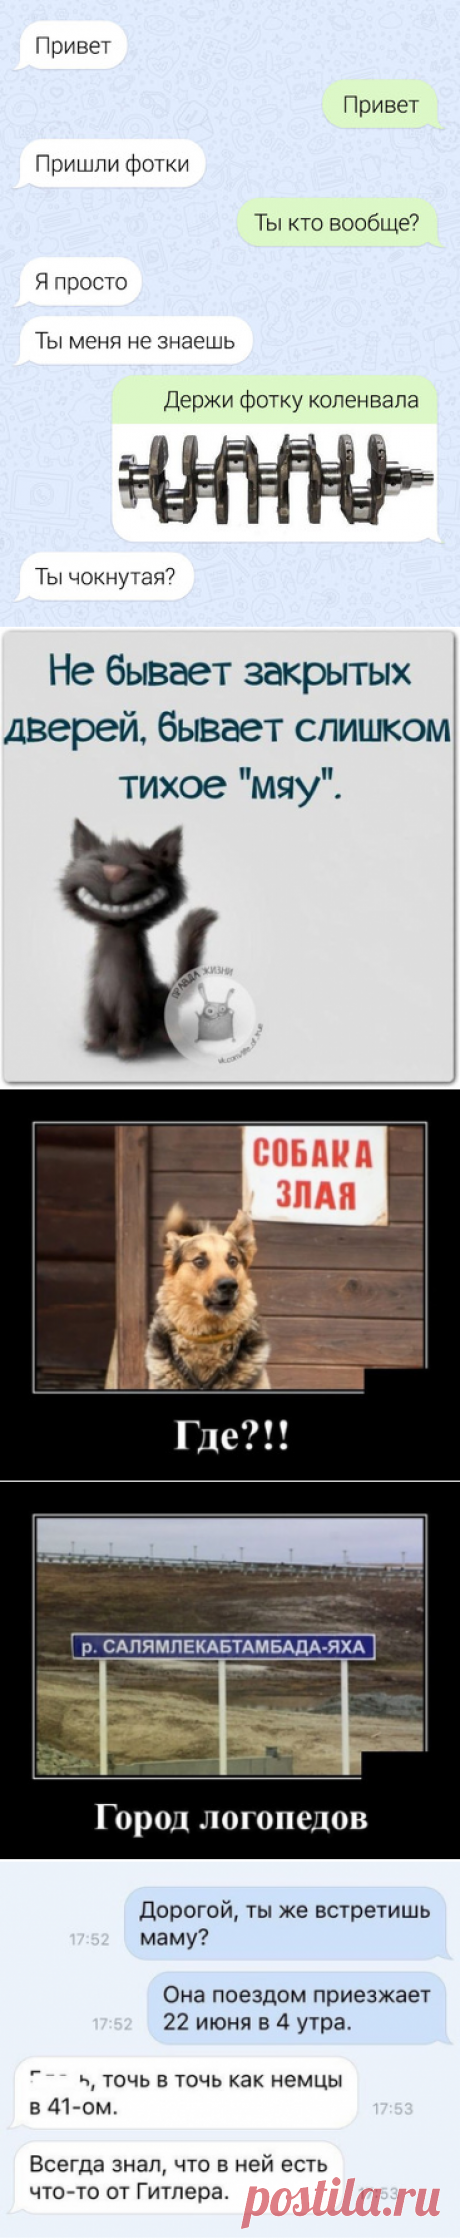 Улыбочку. - 20 Ноября 2018 - Наша Планета